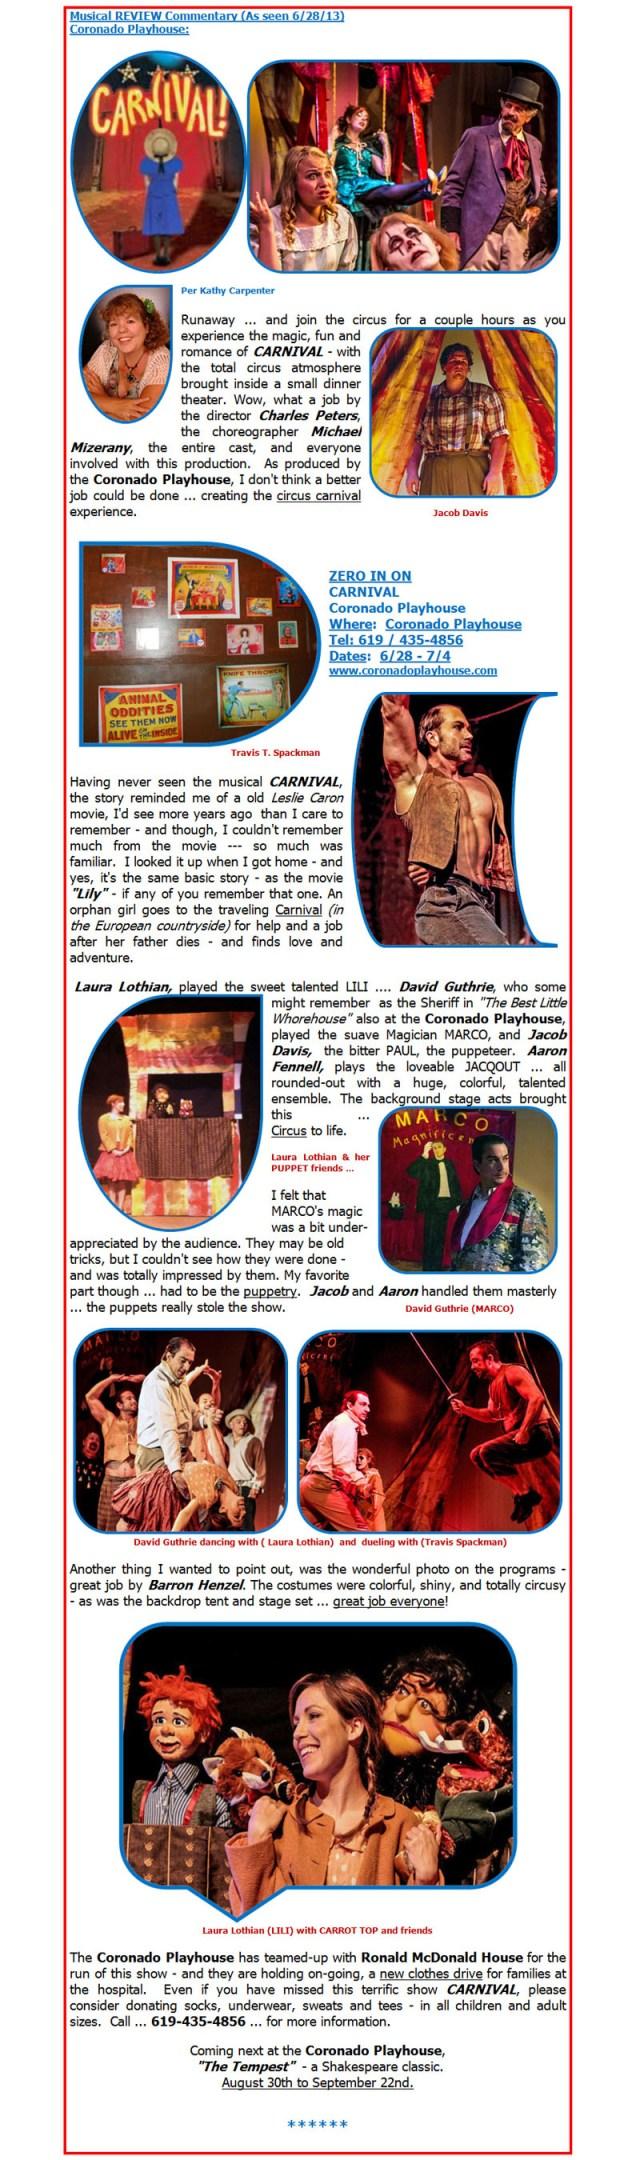 06:13_Carnival_SDTheatreReviews.com_02